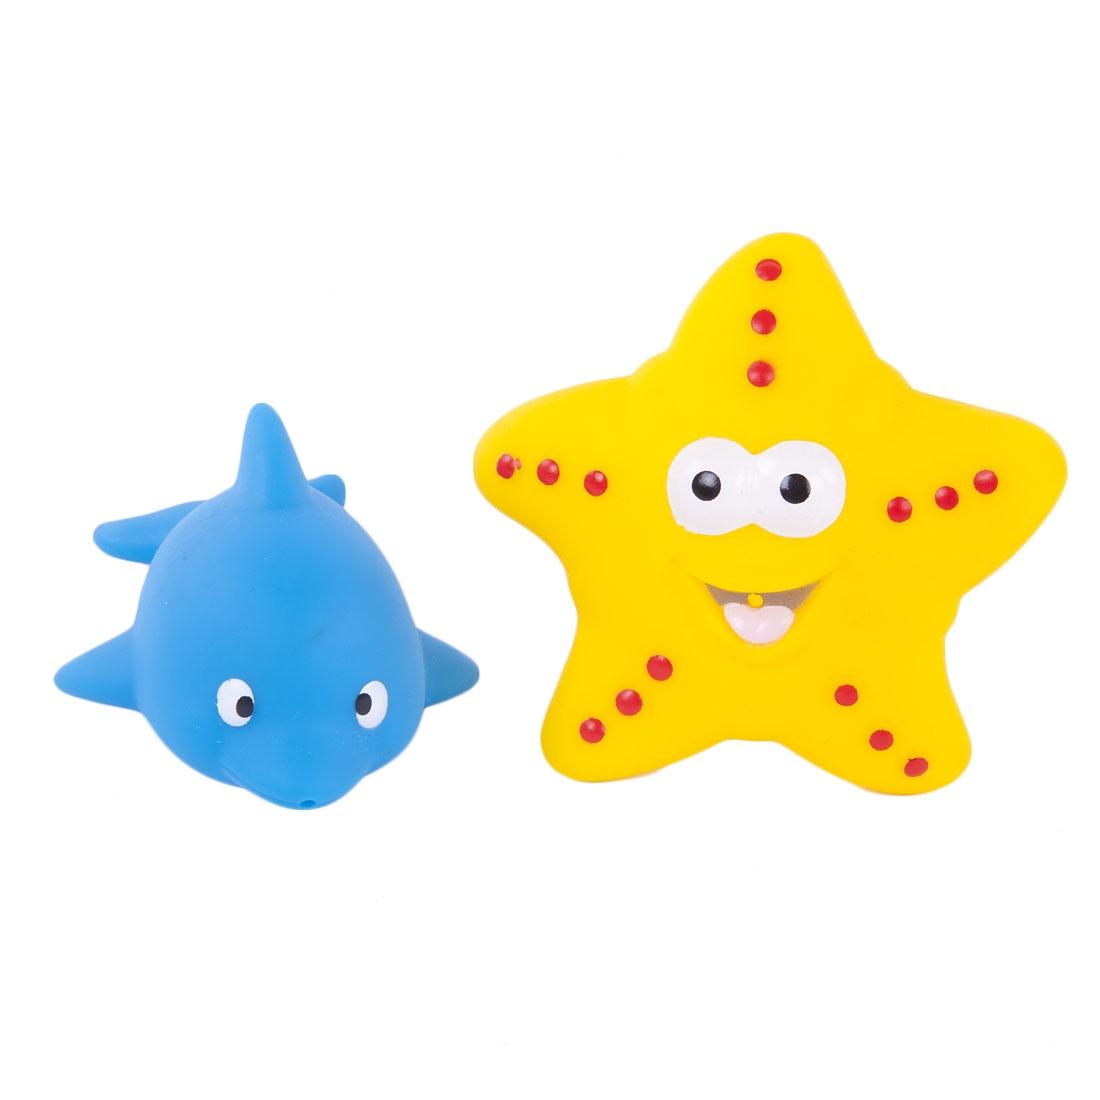 Игрушки для ванны Жирафики Набор для купания Жирафики «Дельфин и морская звезда» игрушки для ванны жирафики набор для купания черепашка и пингвин